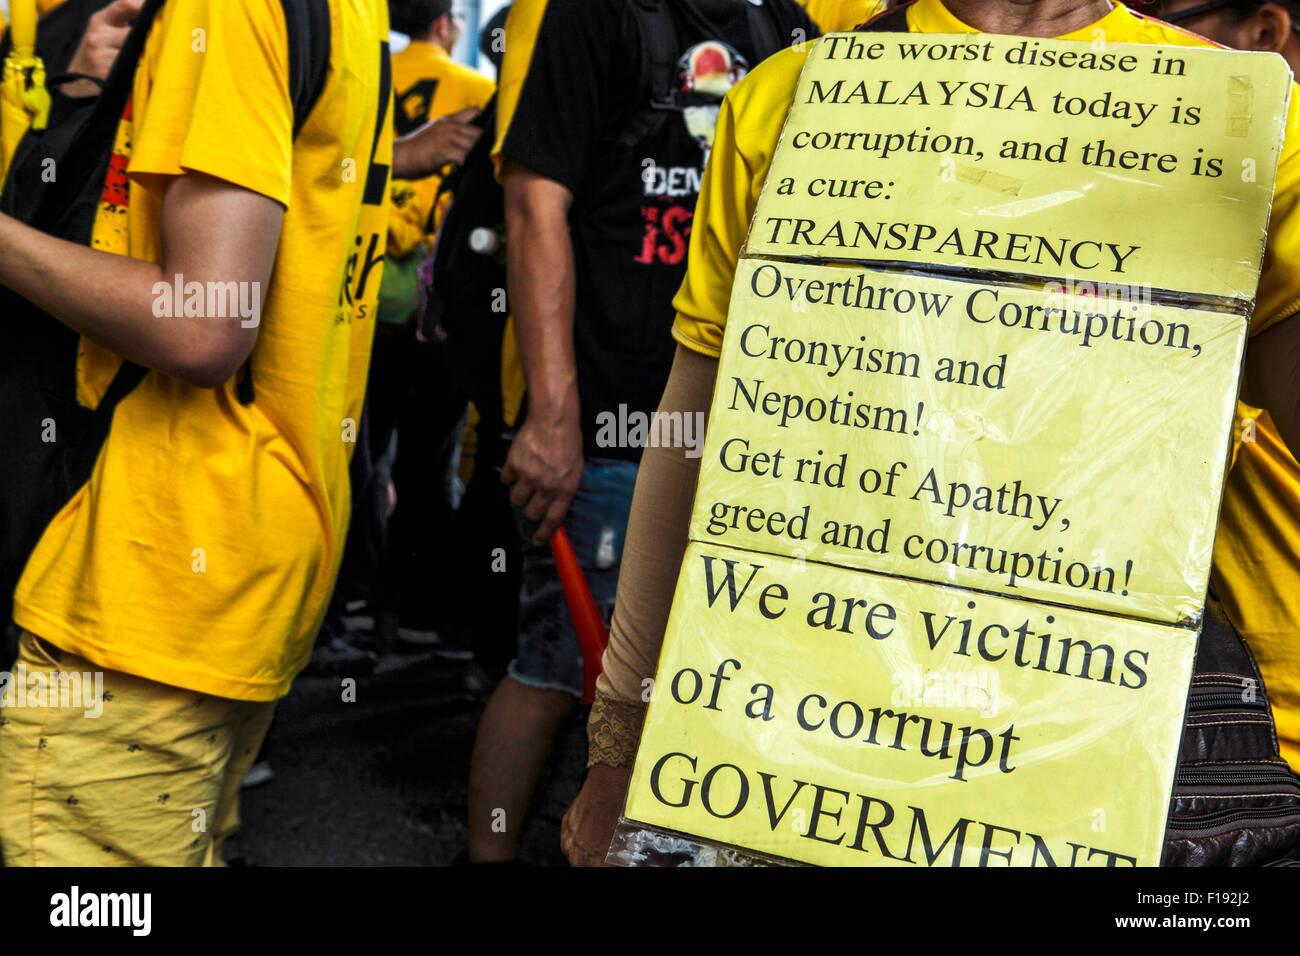 the bersih 4 0 rally in kuala lumpur, malaysia stock photo 86866138